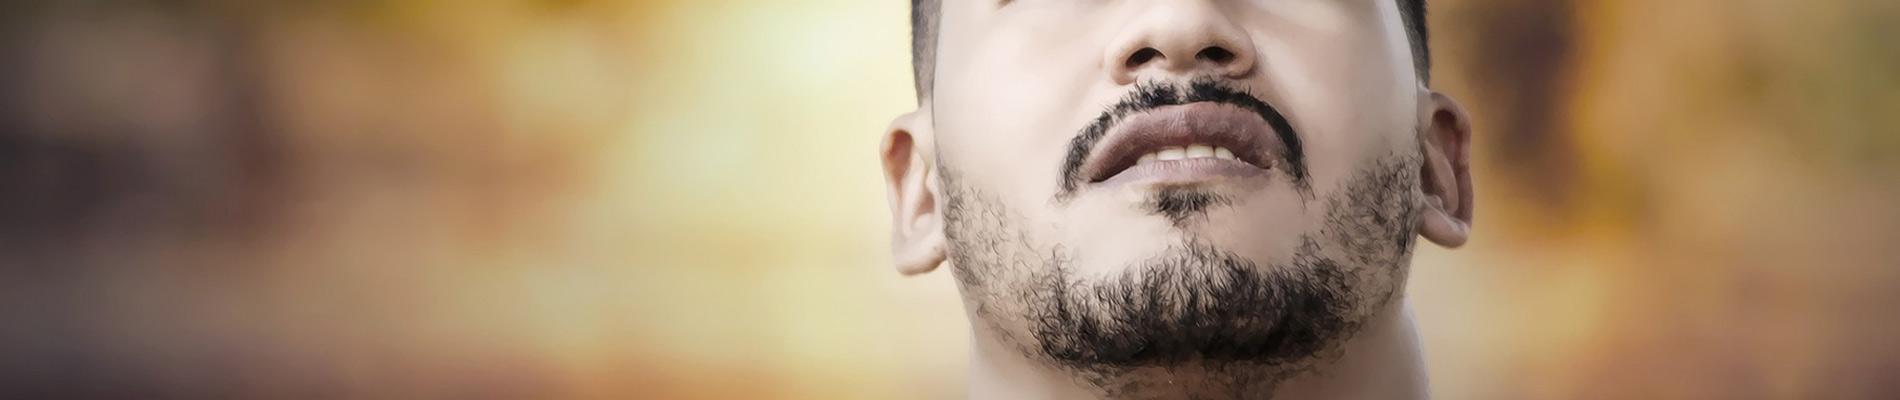 shave header